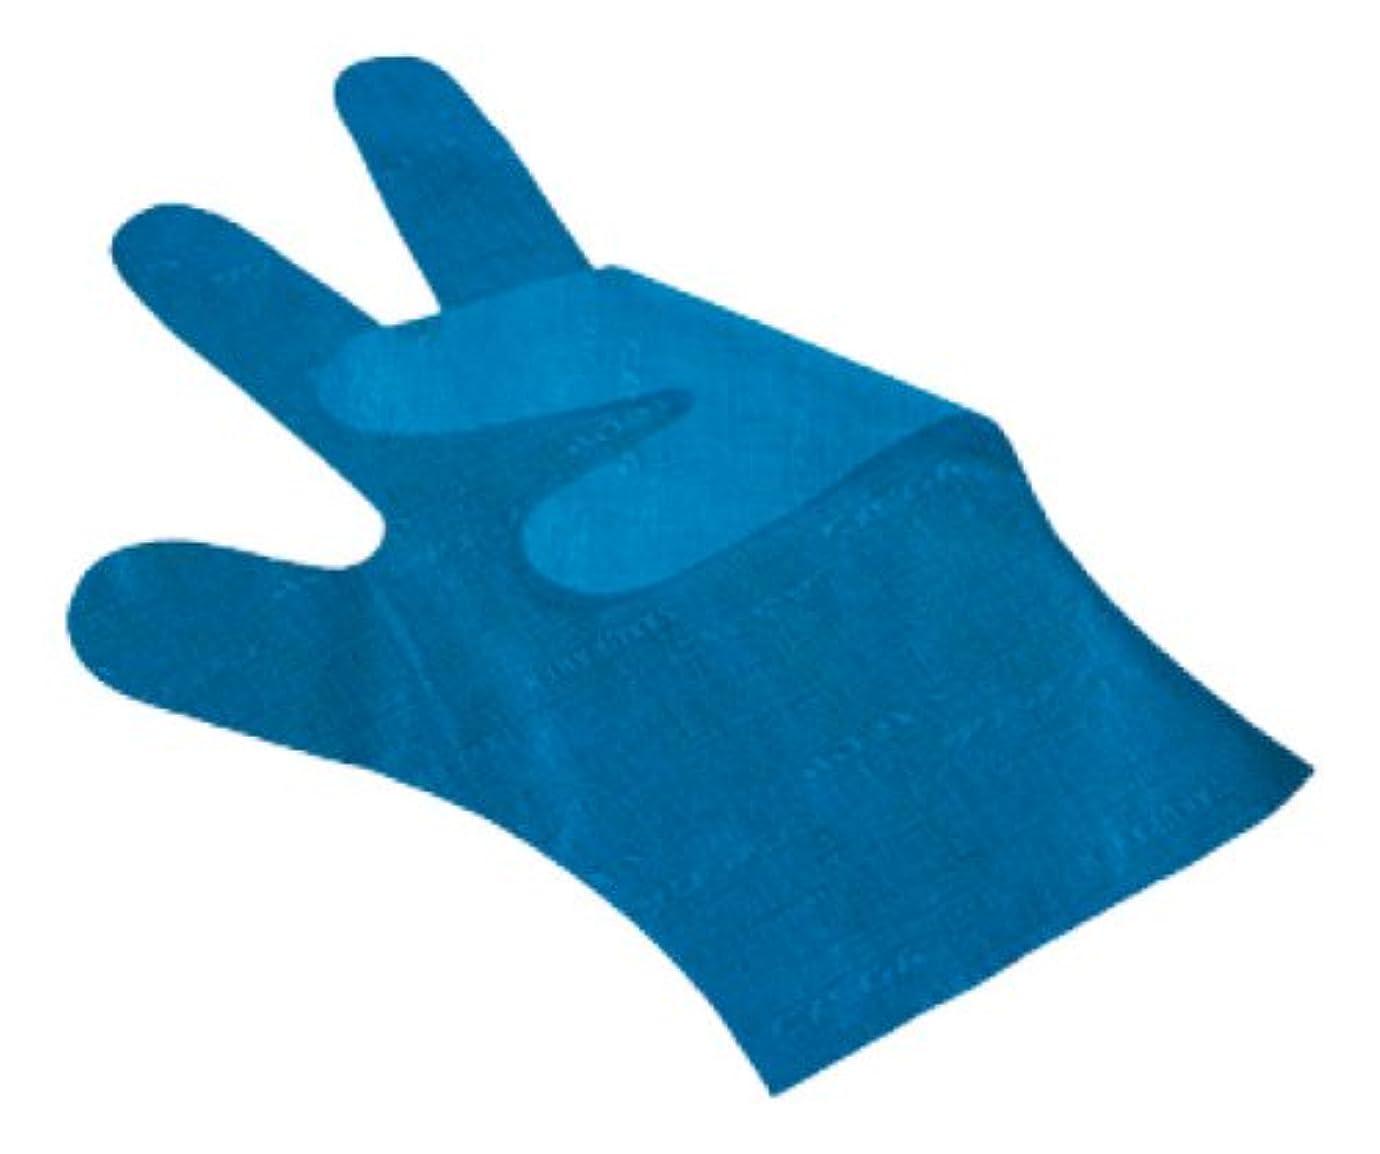 実験をする活性化要求するサクラメン手袋 デラックス(100枚入)L ブルー 35μ